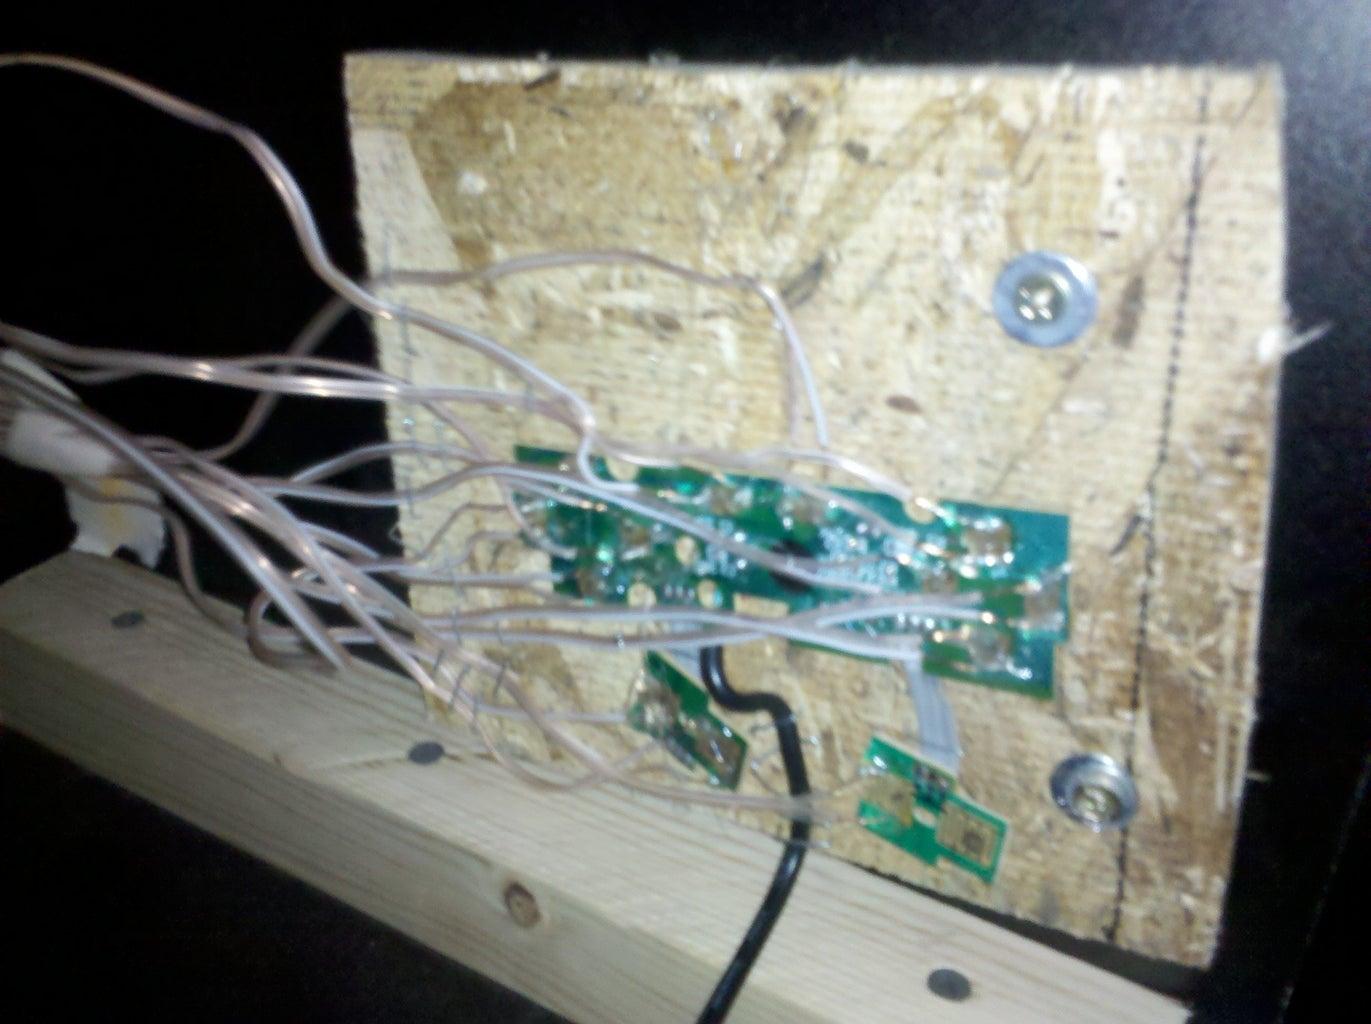 Button Wiring: